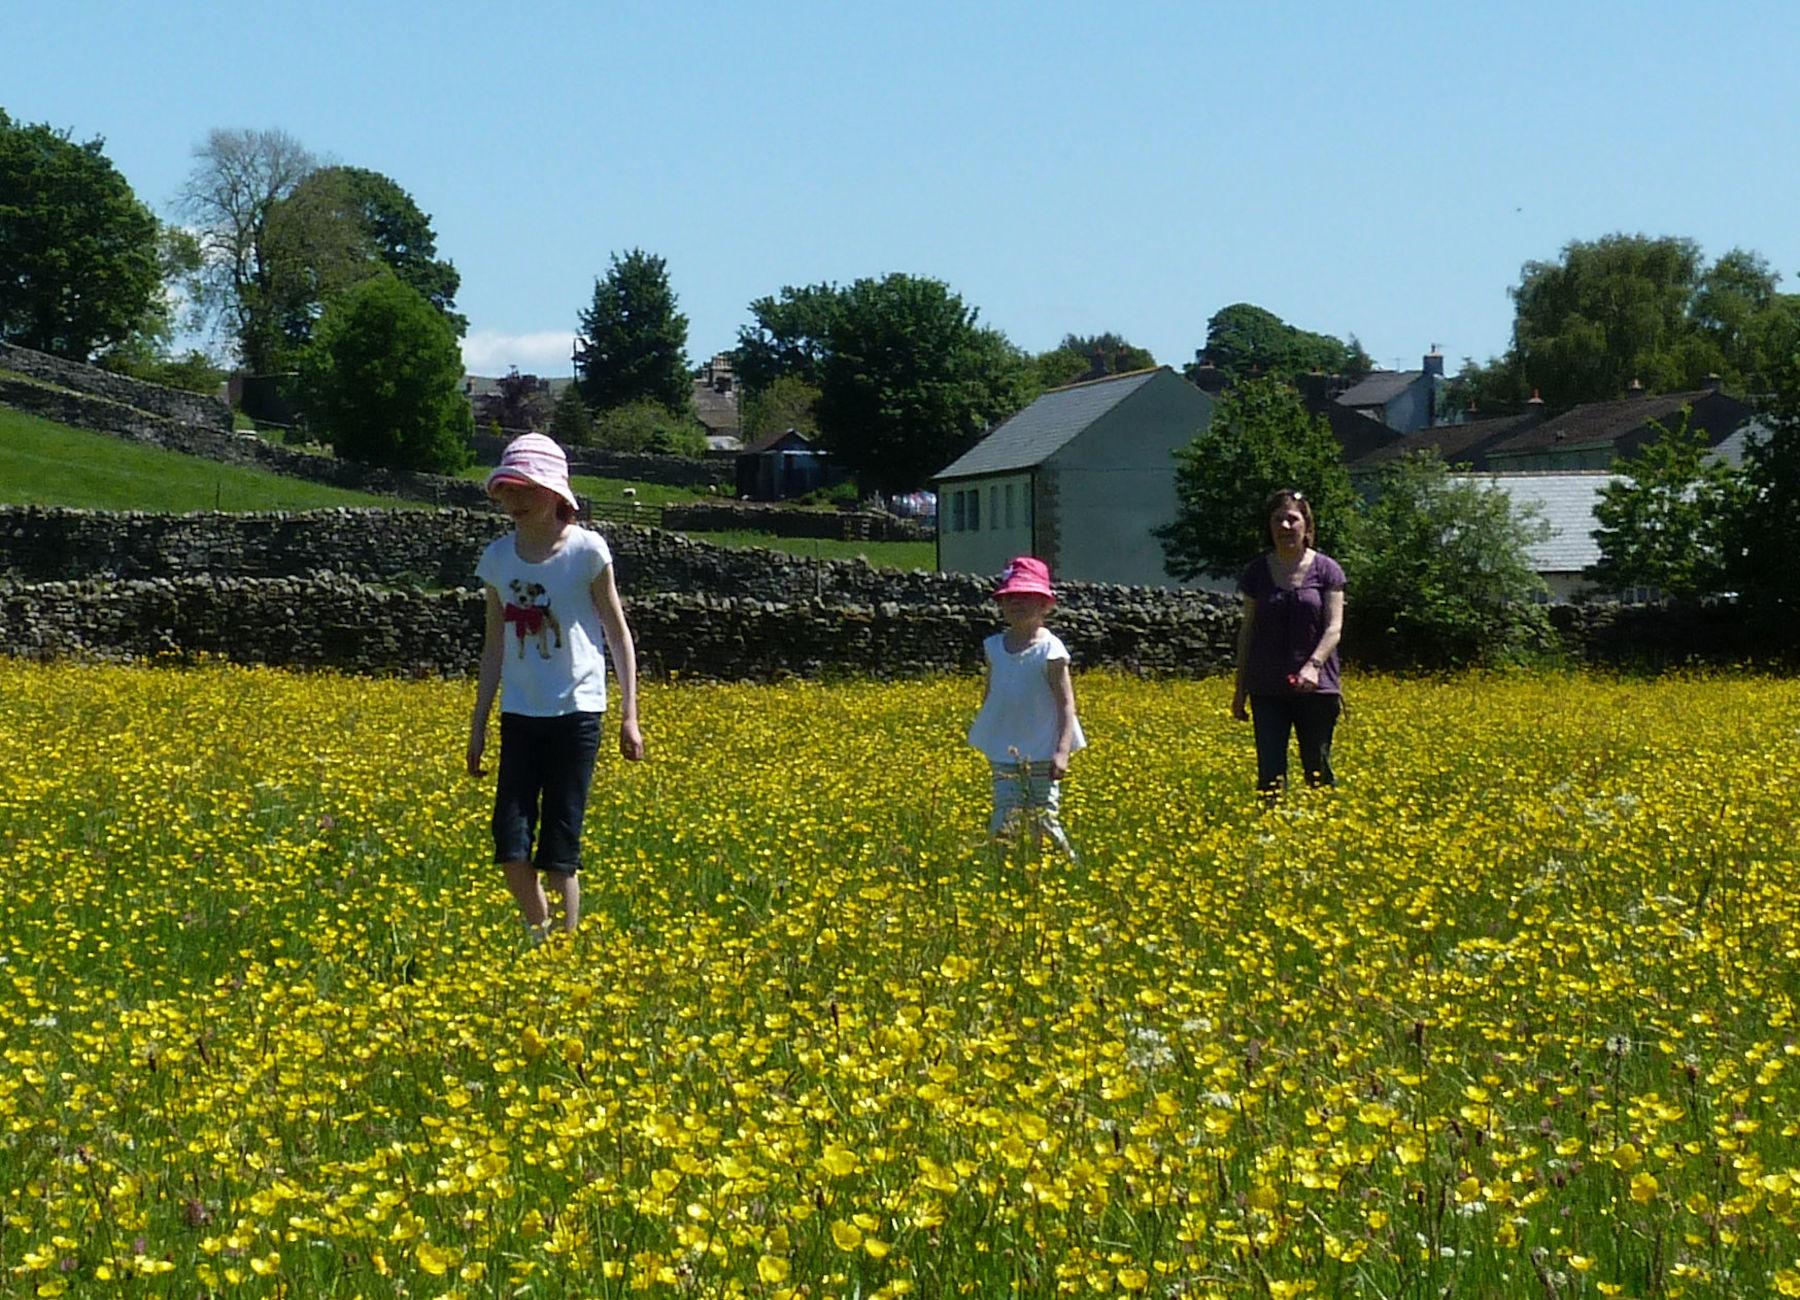 Askrigg Hay Meadows